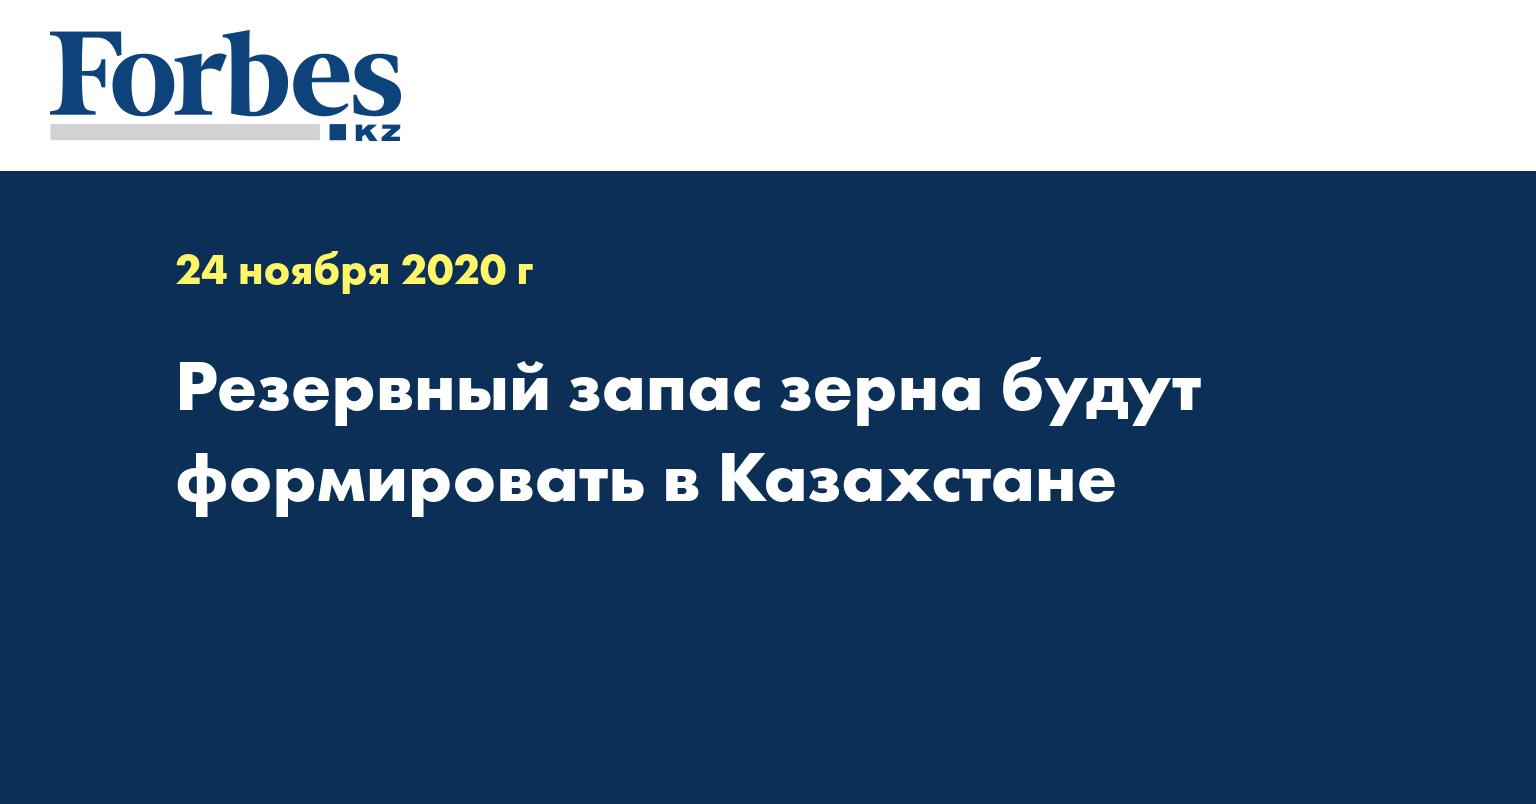 Резервный запас зерна будут формировать в Казахстане